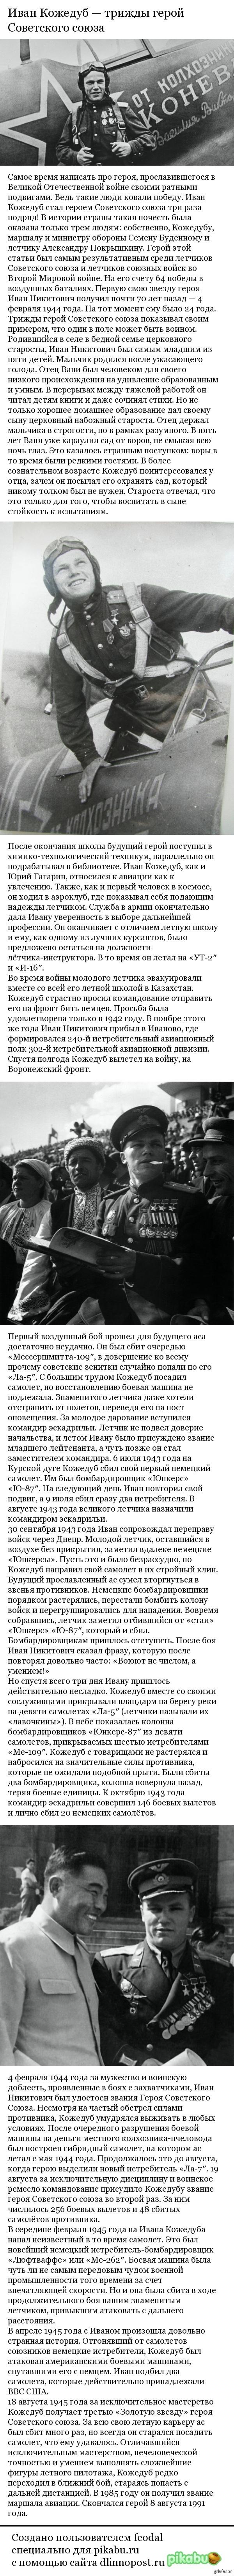 Иван Кожедуб - трижды герой Советского Союза